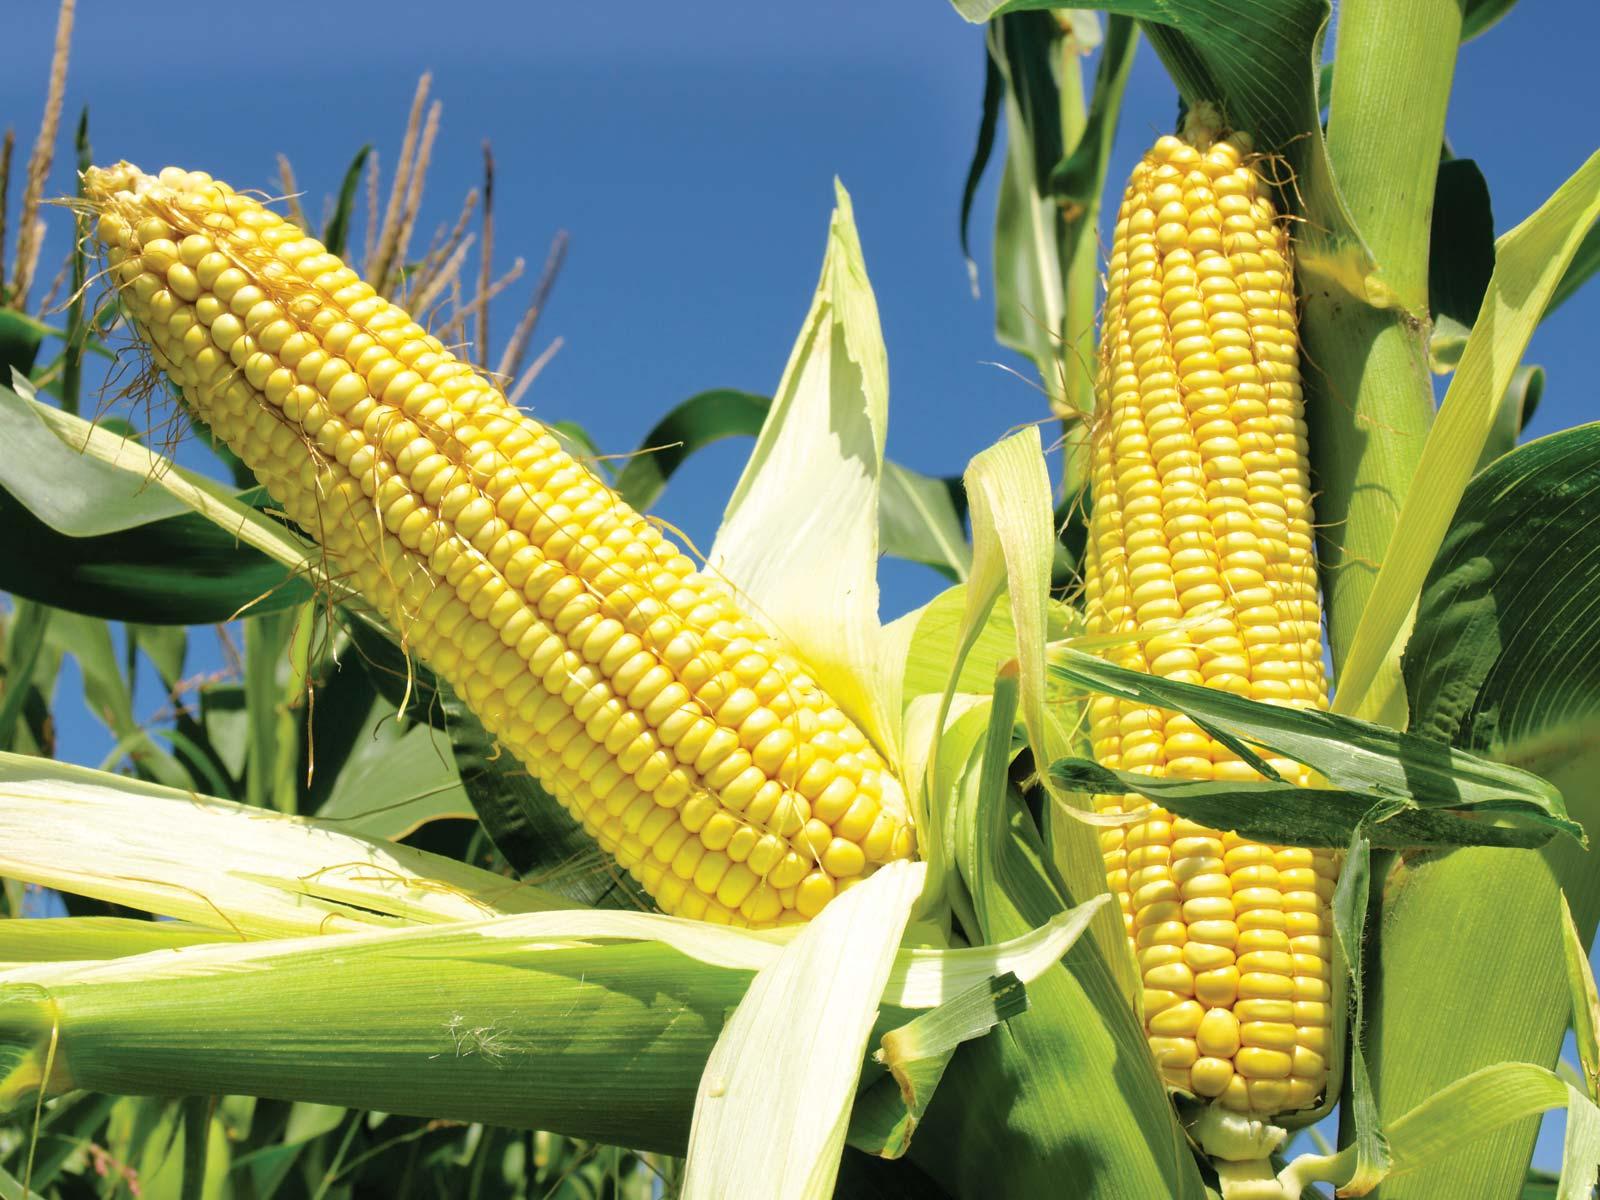 USDA Export Inspections: Giao hàng ngô và đậu tương giảm, lúa mỳ tăng